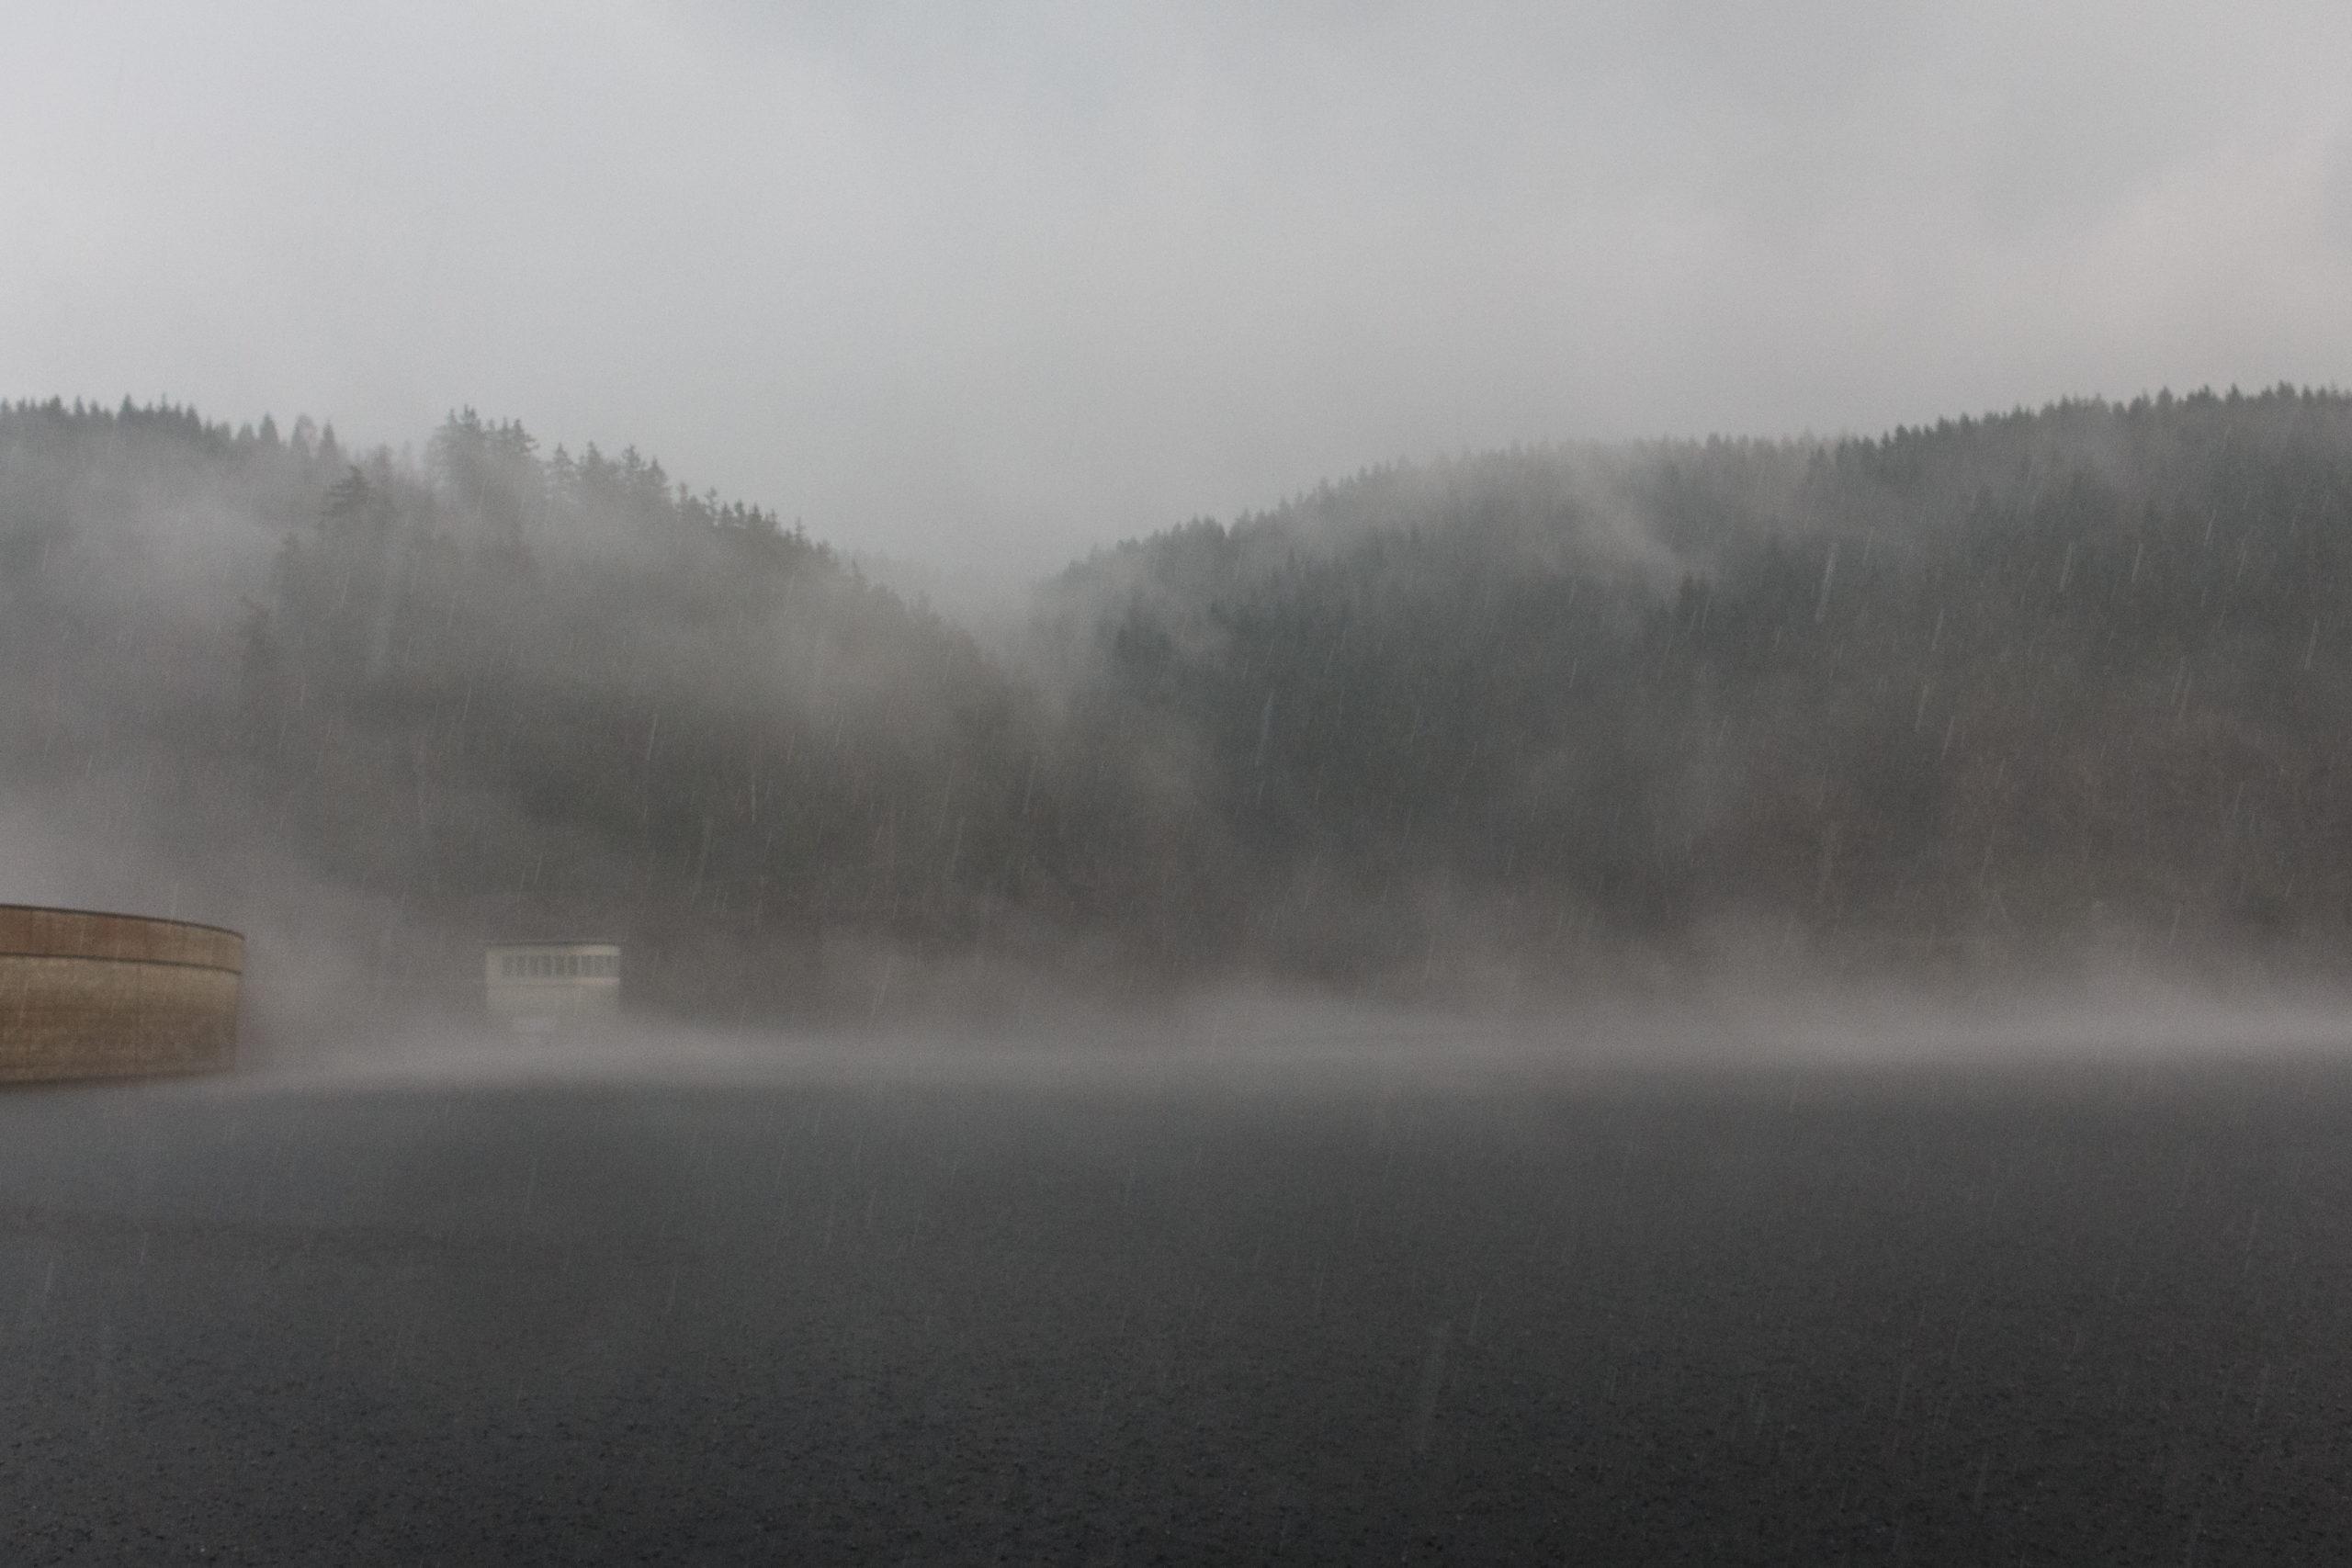 Talsperre im Nebel und der Regen ist als Streifen zu sehen